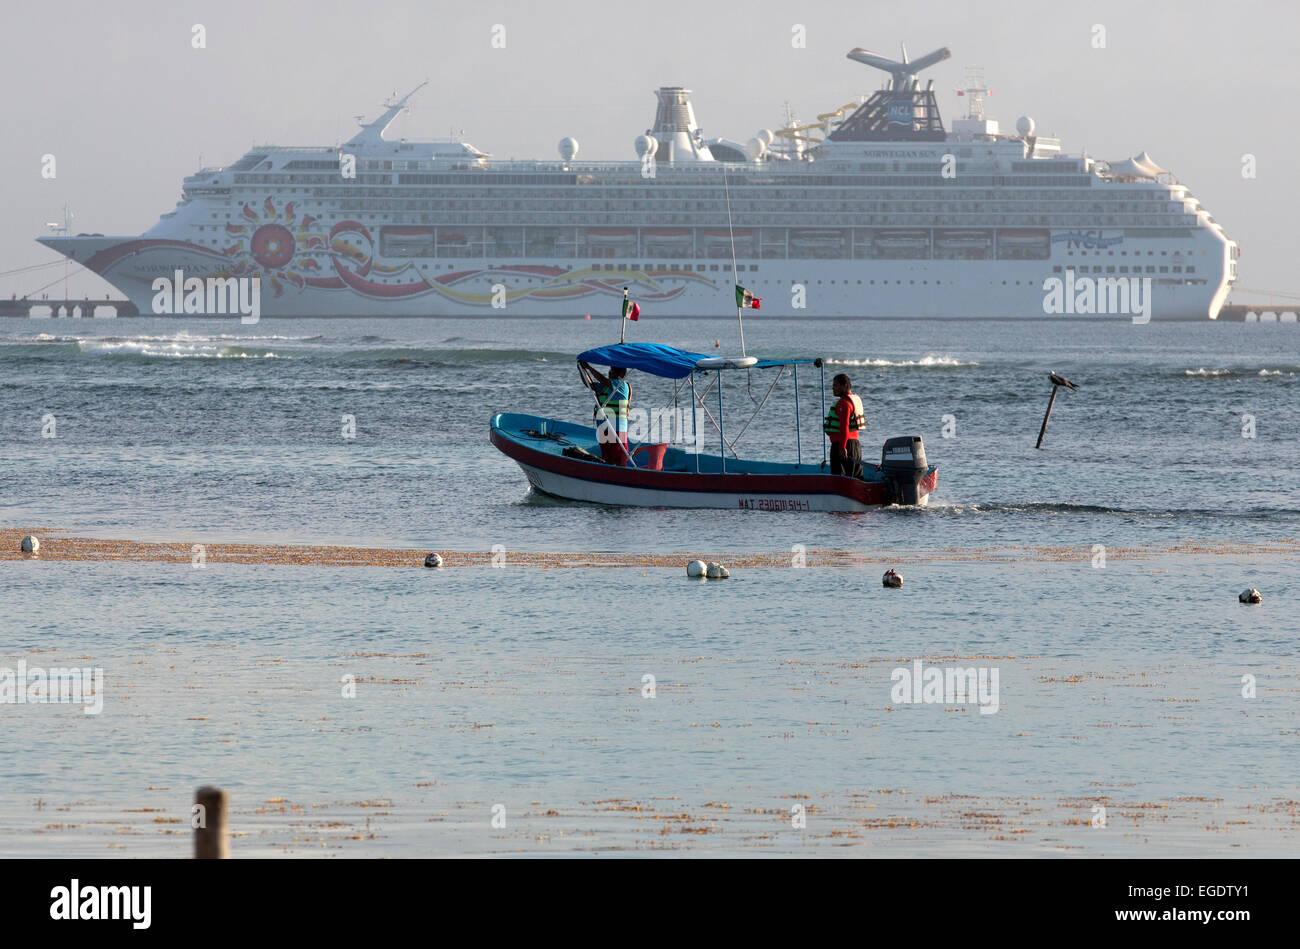 La pesca locale Boat cruise ship Mahahual Quinitana Roo pensionati pensionati Ocean front casa vacanze Foto Stock